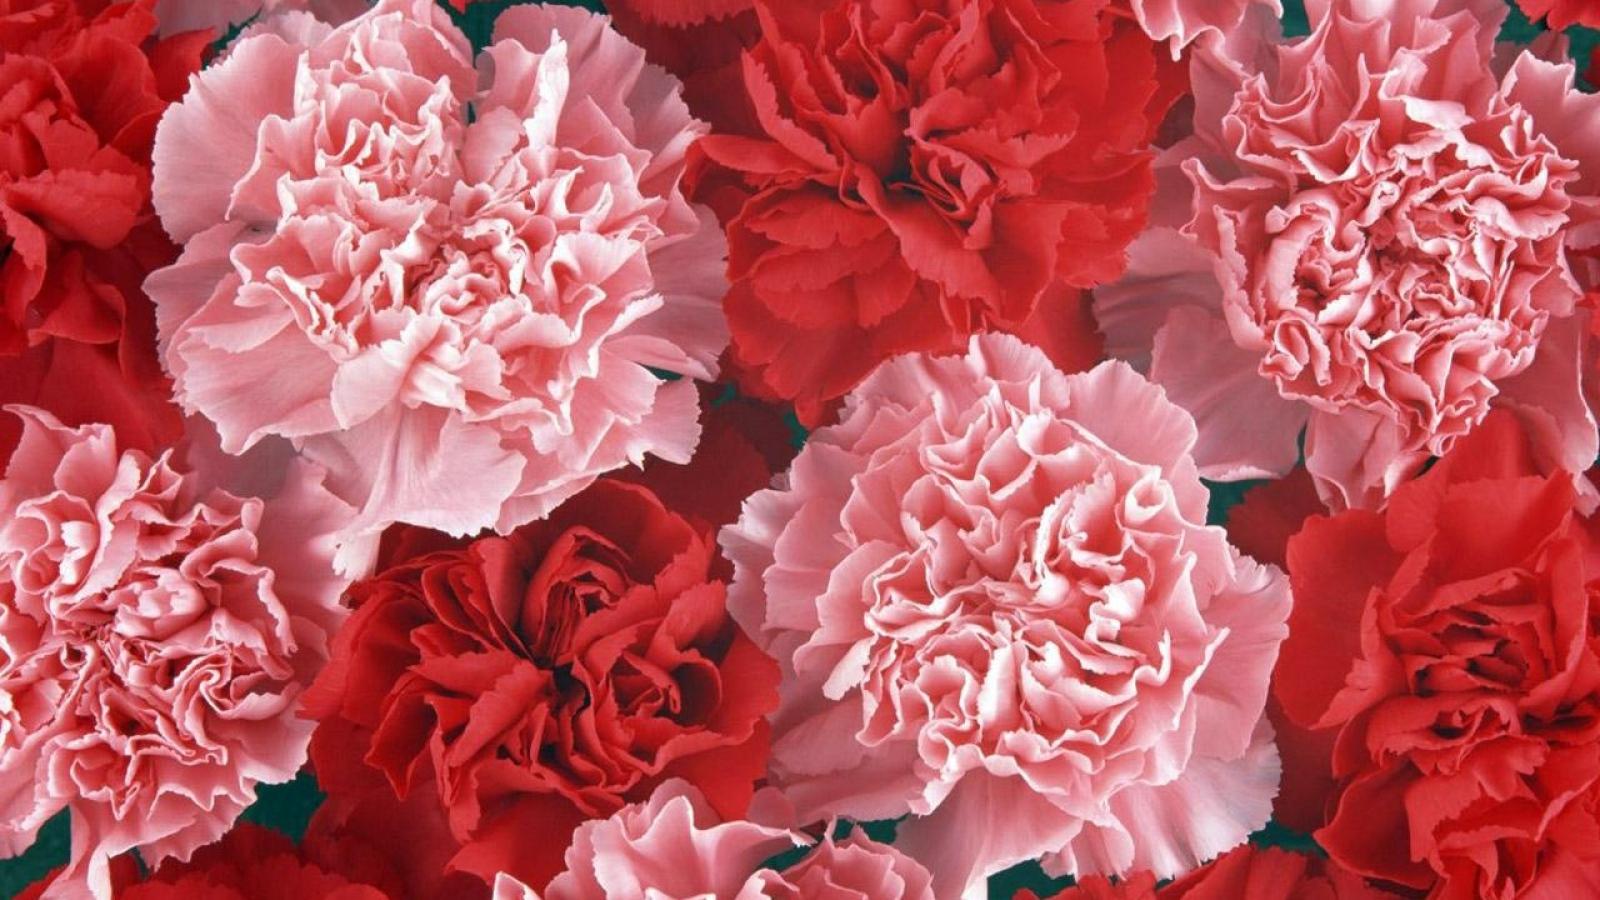 Raudoni ir rožiniai šabo gvazdikai